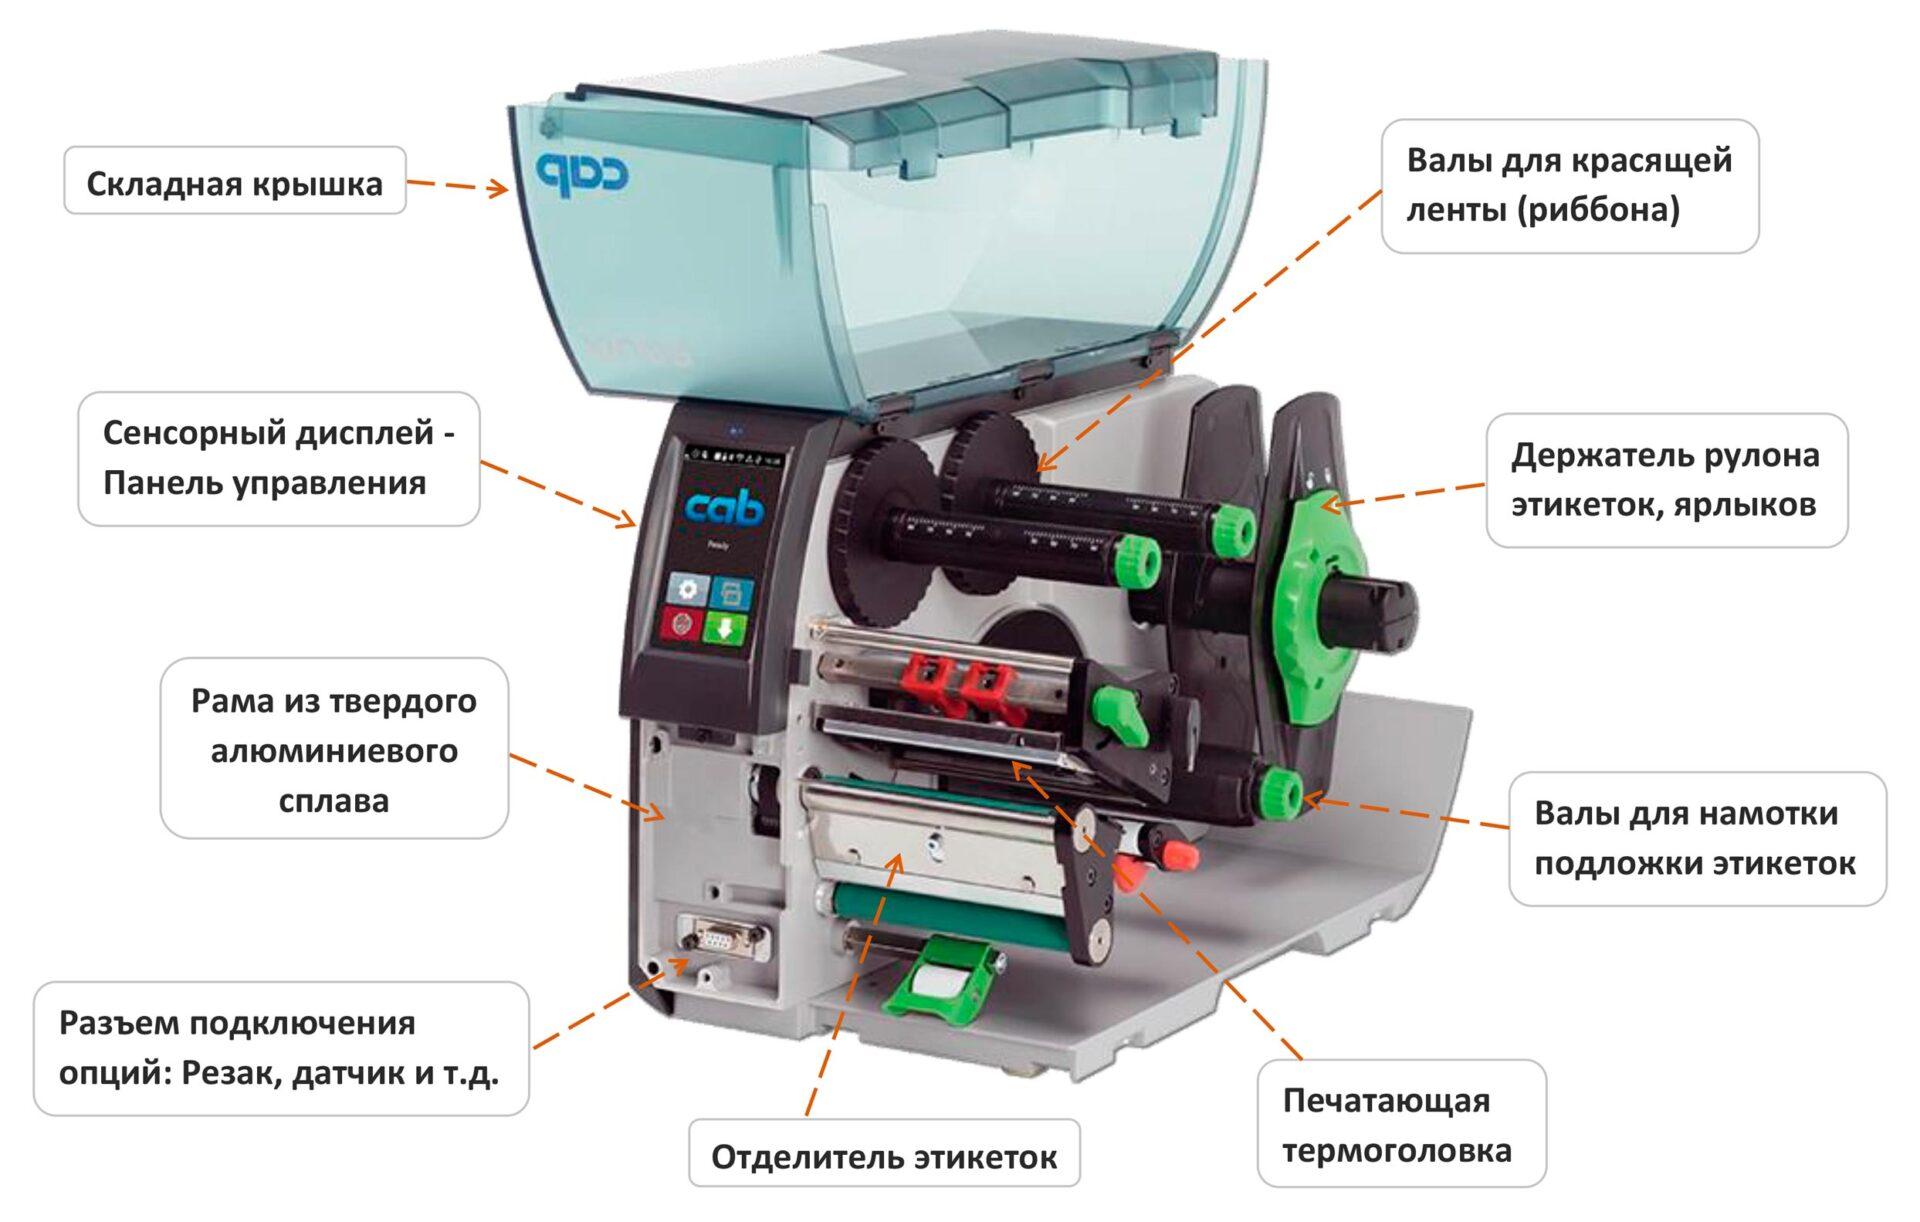 оборудование_для печати_этикеток_cab_sato_zebra_ CAB 1 1